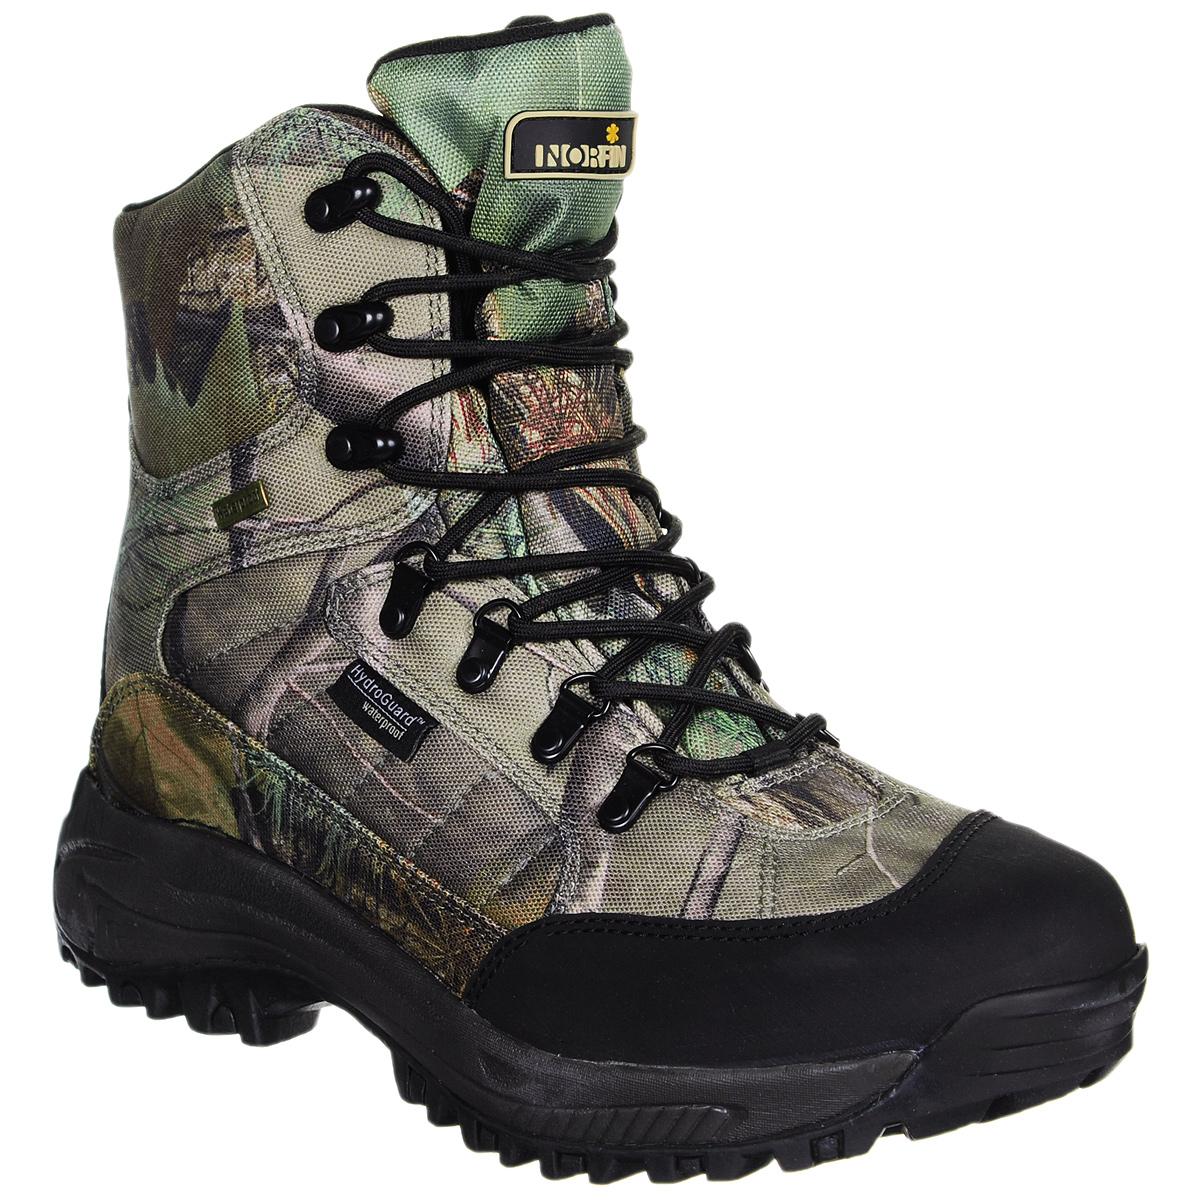 Ботинки13993Теплые и удобные мужские ботинки Norfin Ranger идеально подойдут как для рыбалки, охоты и активного отдыха, так для повседневного использования. Верх ботинок выполнен из легкого водонепроницаемого дышащего мембранного материала с камуфлированной расцветкой зеленый камыш. Подкладка изготовлена из мягкого текстильного материала, который сохранит ваши ноги в тепле. Легкий утеплитель Thinsulate и высокая подошва ботинок не дадут ногам замерзнуть ранней весной или осенью. Шнуровка надежно фиксирует модель на ноге. Оформлено изделие небольшой прорезиненной вставкой на язычке с названием бренда. Средняя часть подошвы сделана из легкого материала EVA, а нижняя часть - из резины с глубоким протектором, который обеспечит хорошее сцепление на любой поверхности. В таких ботинках вы будете чувствовать себя комфортно и уютно.